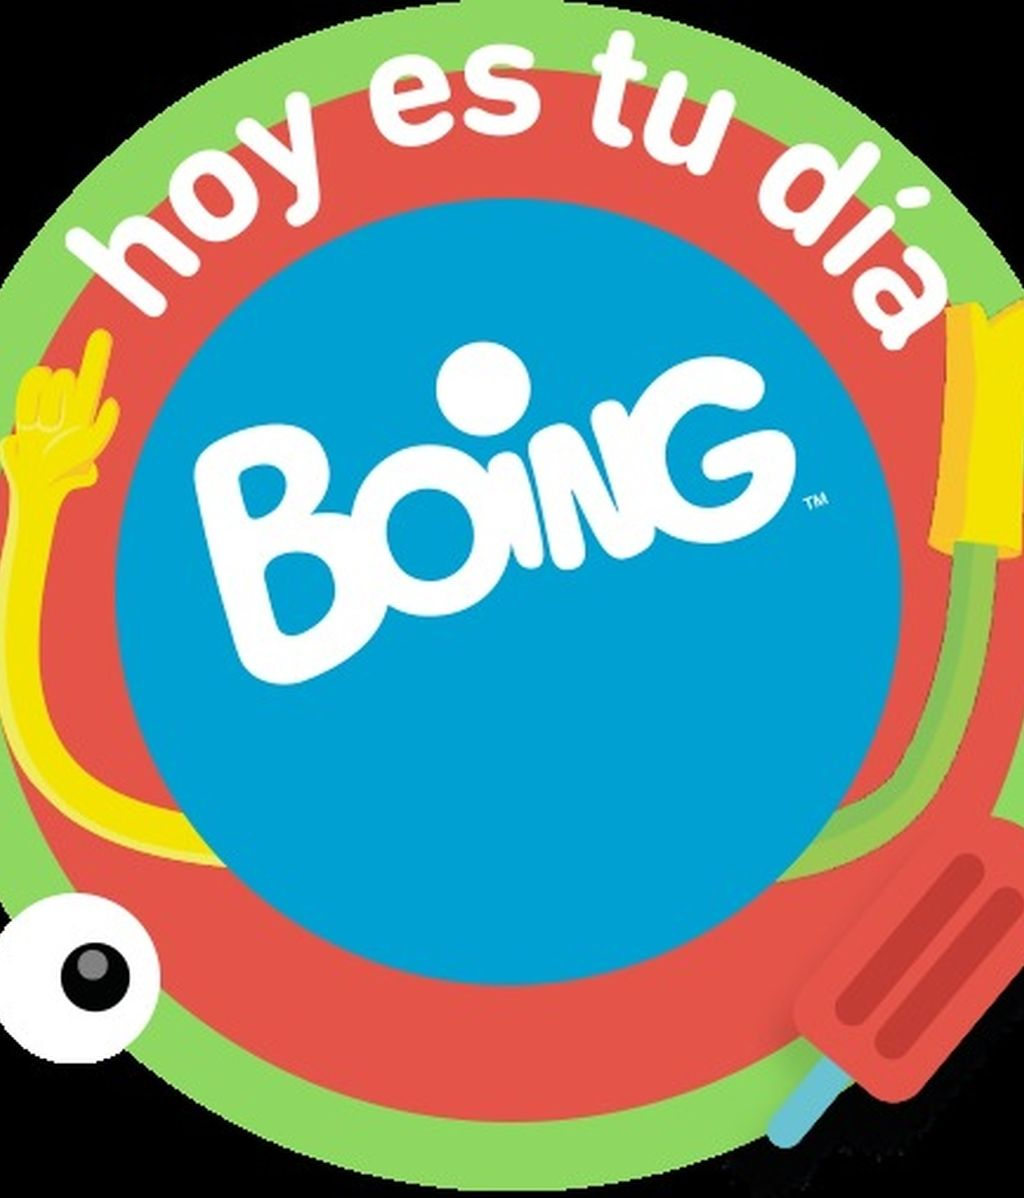 Boing - 'Hoy es tu día'